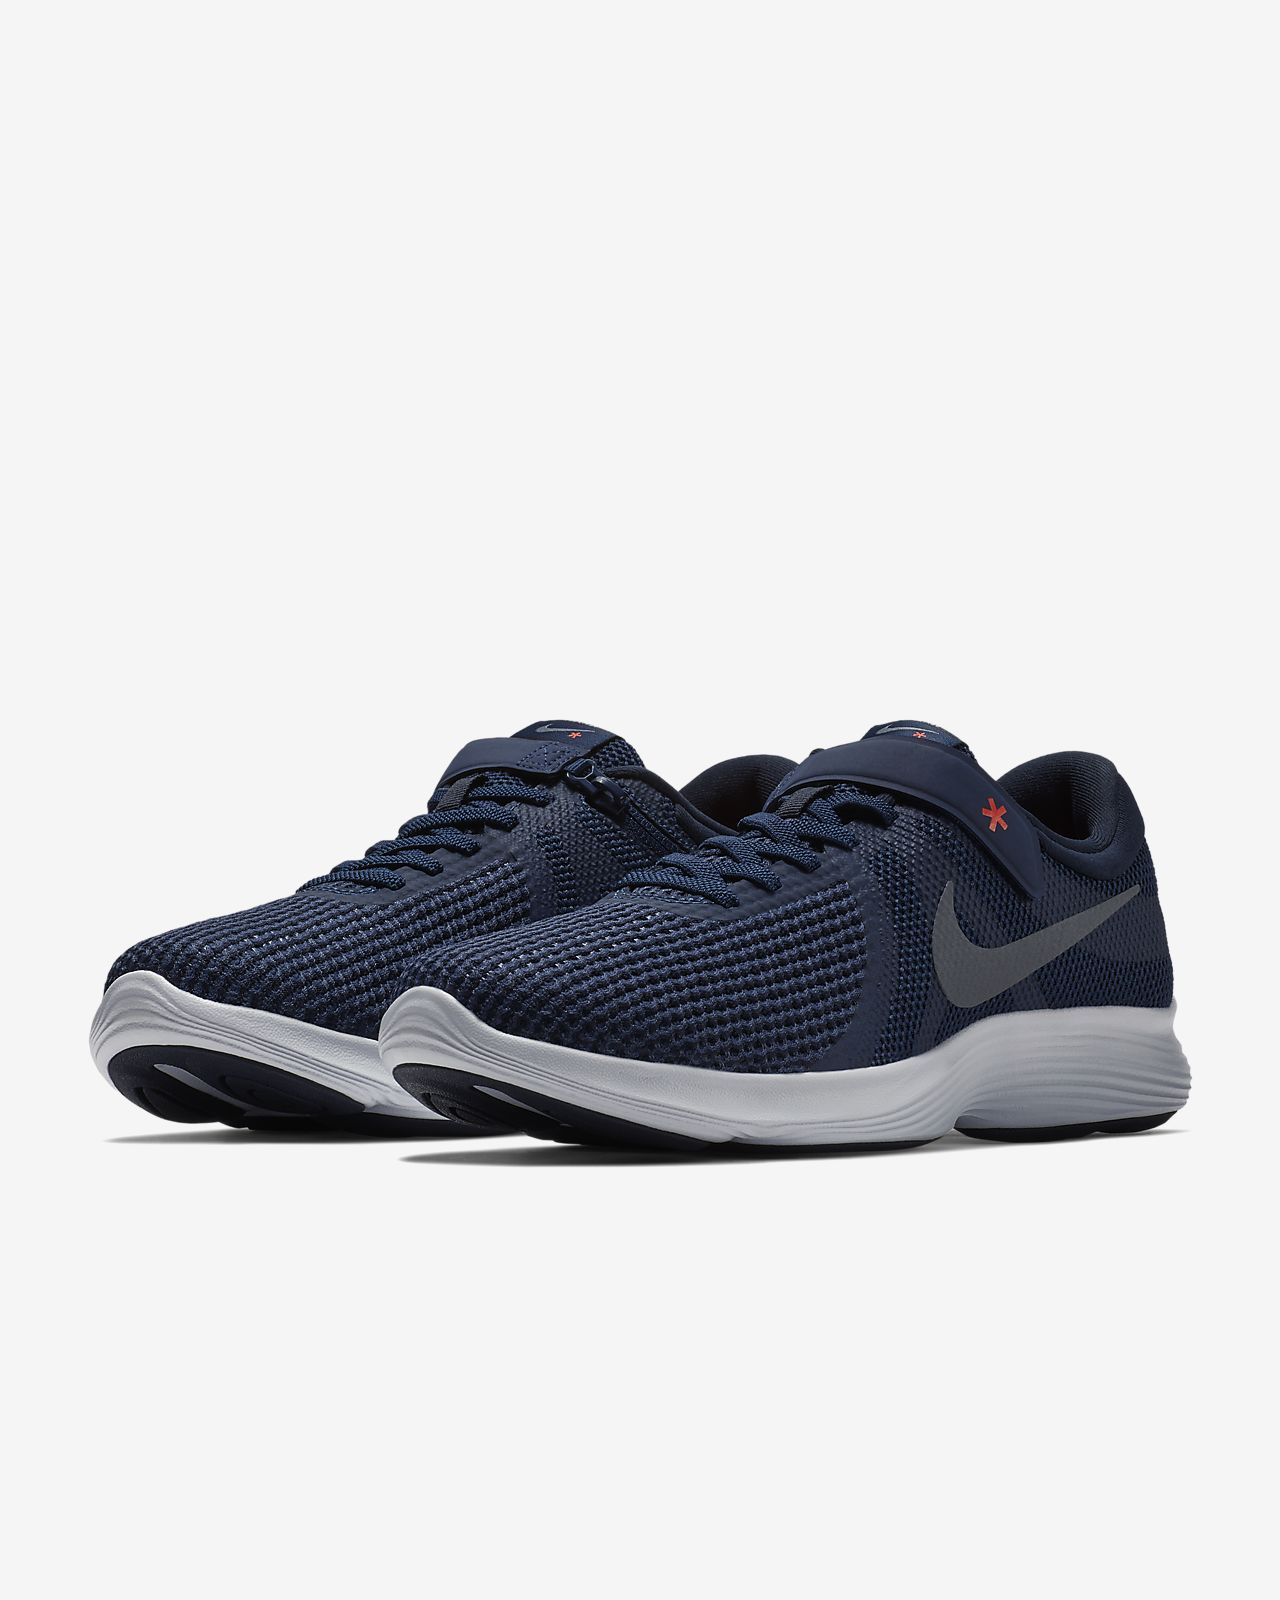 33546ed6 Nike Revolution 4 FlyEase Men's Running Shoe. Nike.com